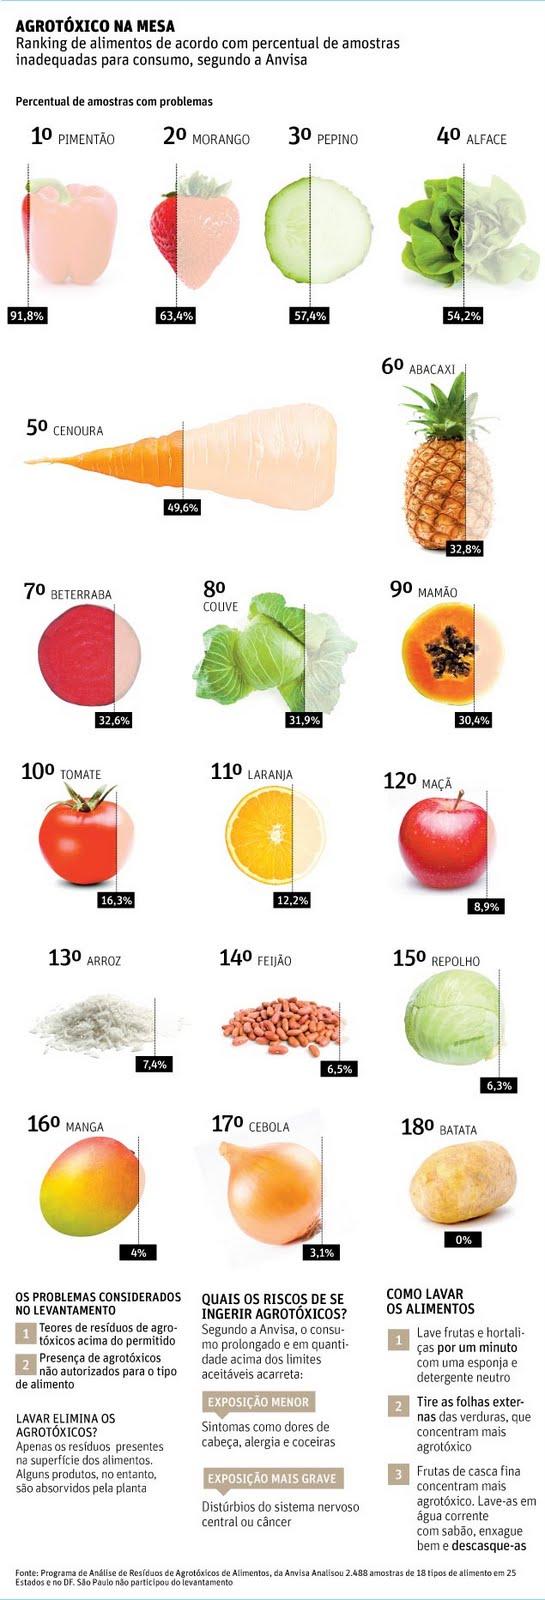 alimentos com maior nivel de agrotoxicos pela anvisa1